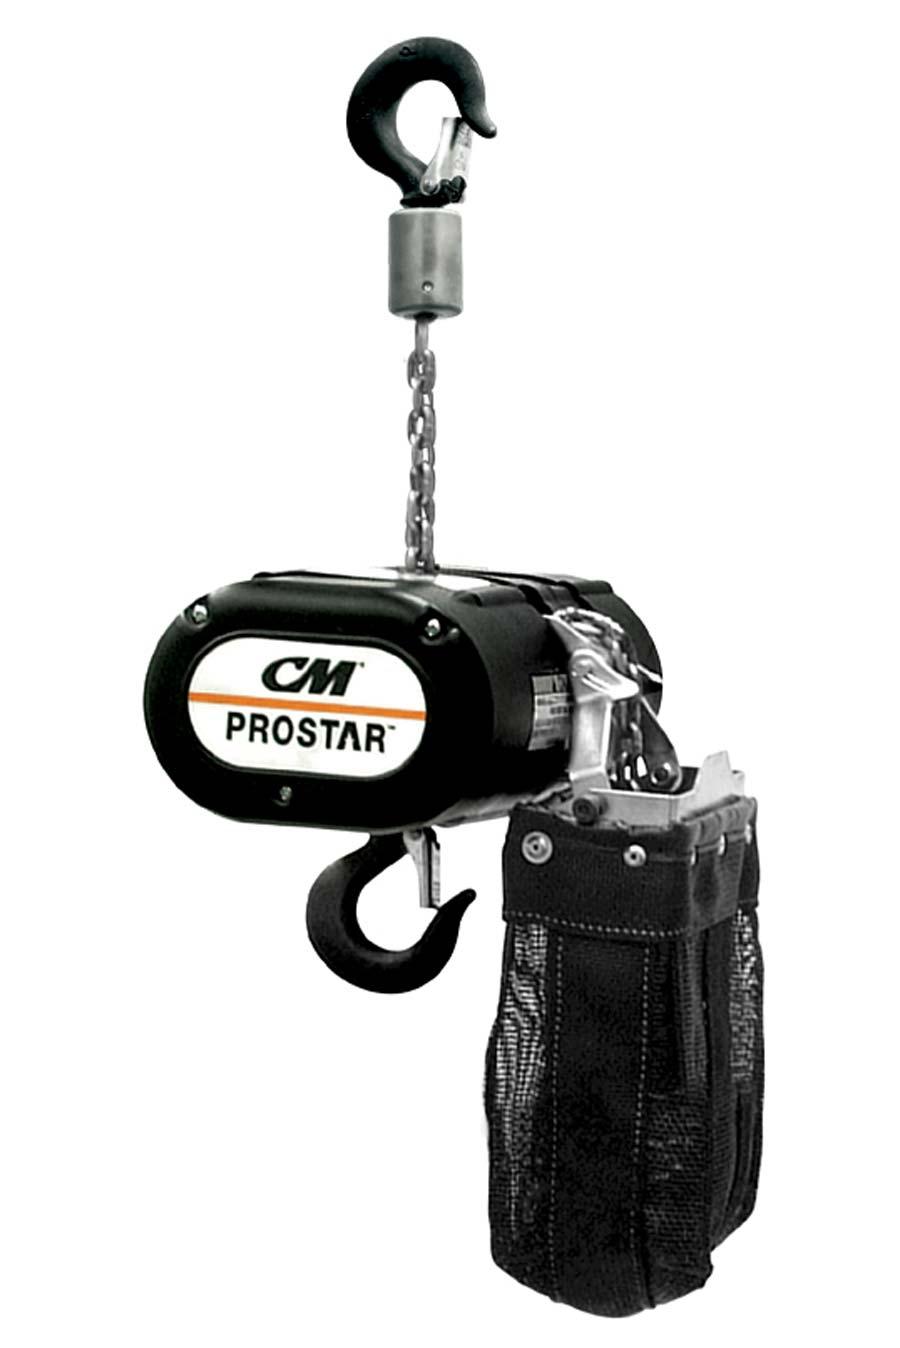 CM Prostar Chain Motor